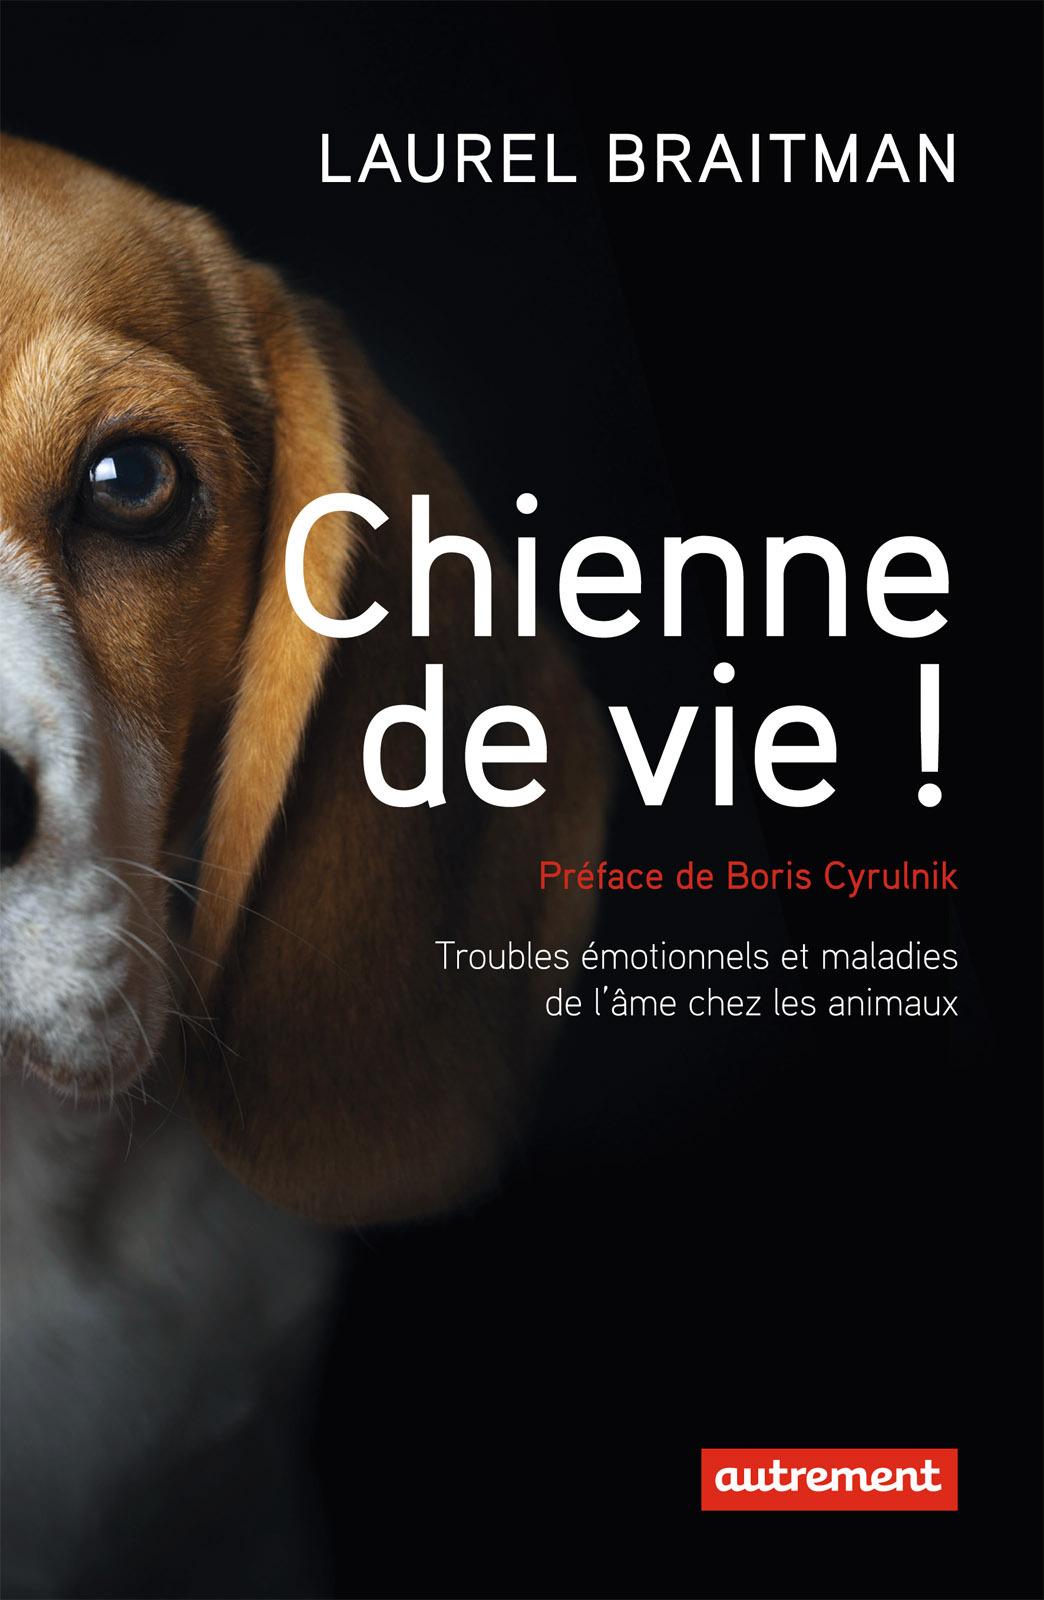 Chienne de vie !, TROUBLES ÉMOTIONNELS ET AUTRES MALADIES DE L'ÂME CHEZ LES ANIMAUX